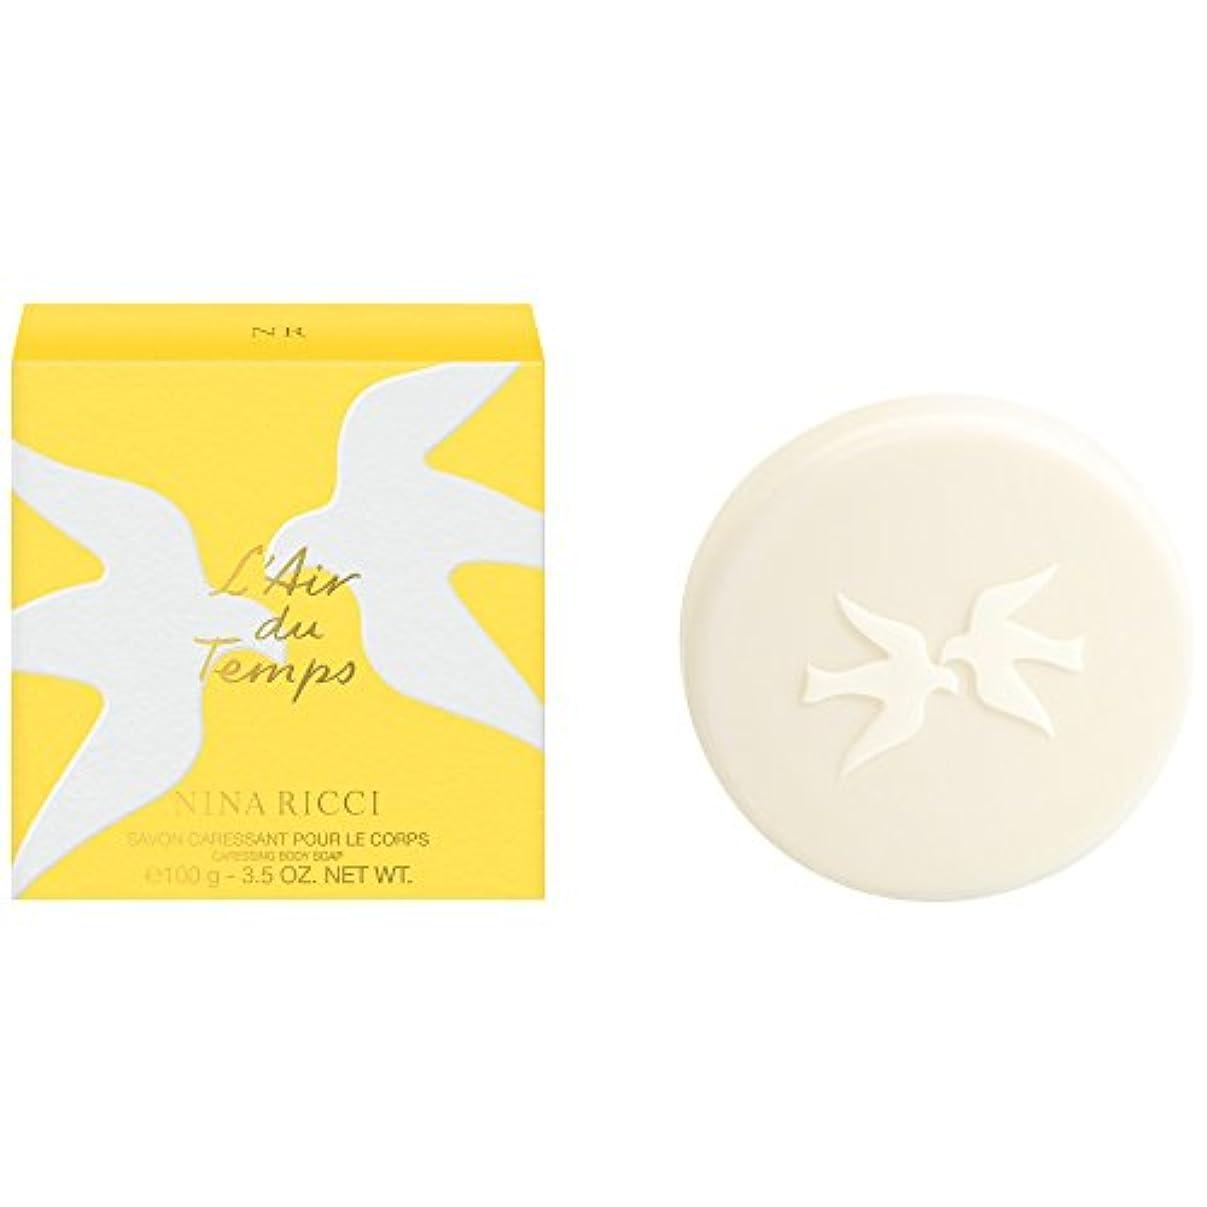 遅滞最大化するカウンターパートニナリッチL'空気デュは石鹸の100グラムをタン (Nina Ricci) (x6) - Nina Ricci L'Air du Temps Soap 100g (Pack of 6) [並行輸入品]